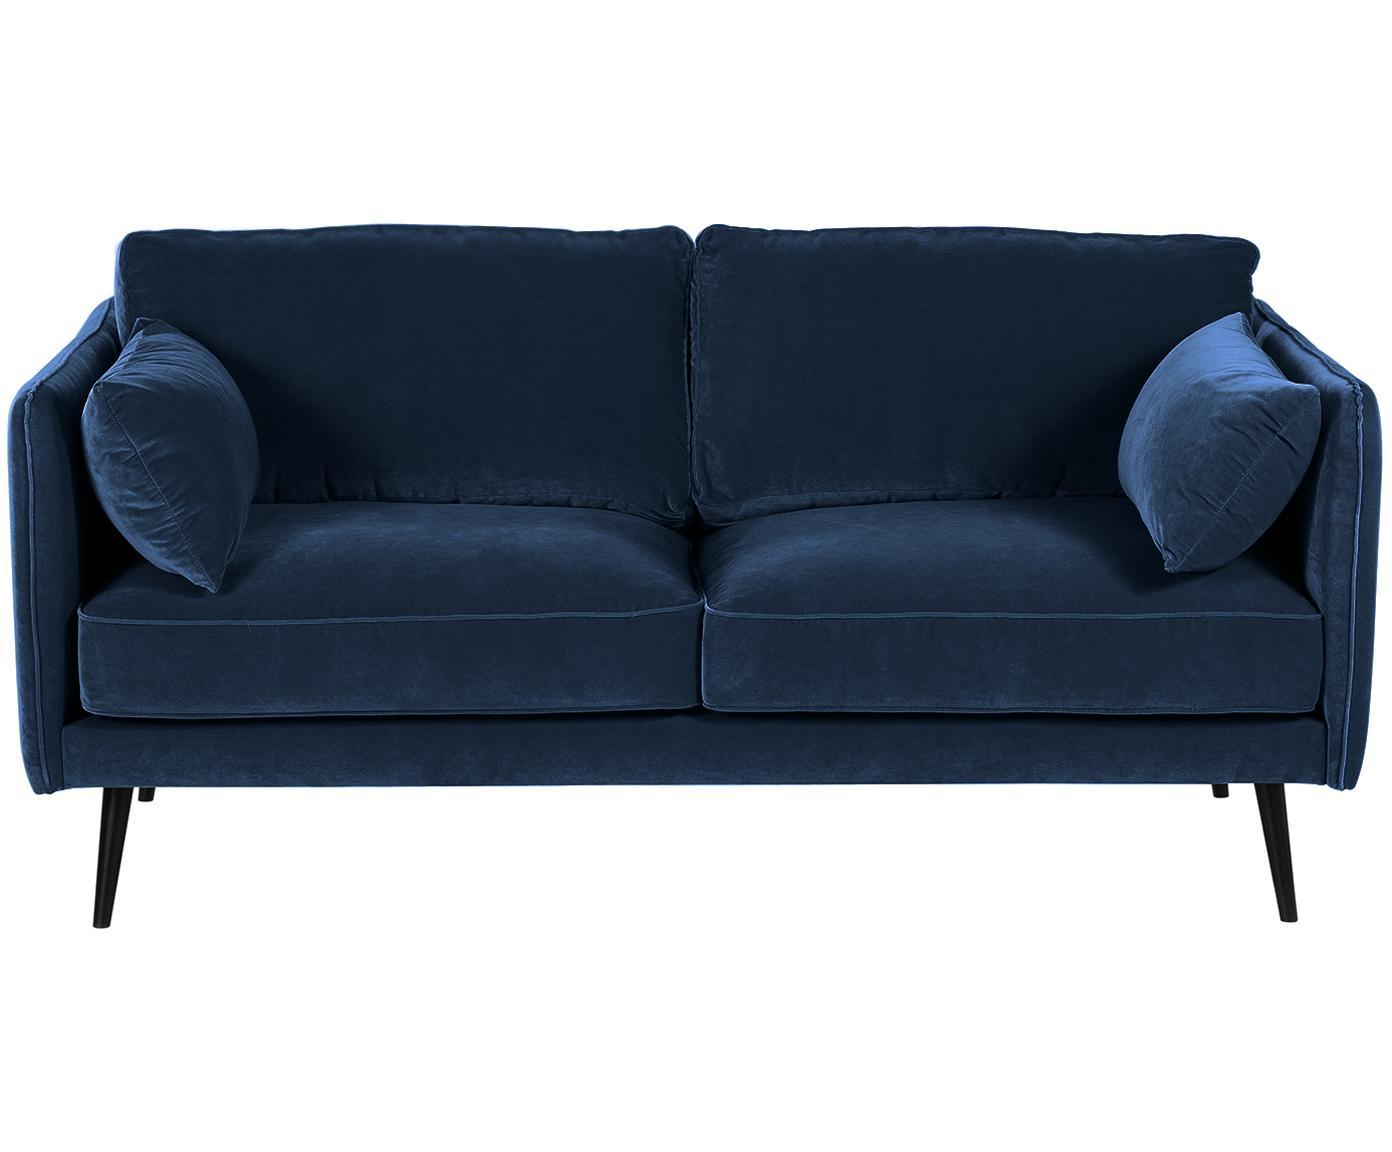 Sofá de terciopelo Paola (2plazas), Tapizado: terciopelo (poliéster) 70, Estructura: madera de abeto maciza, a, Patas: madera de abeto, pintada, Azul, An 179 x F 95 cm